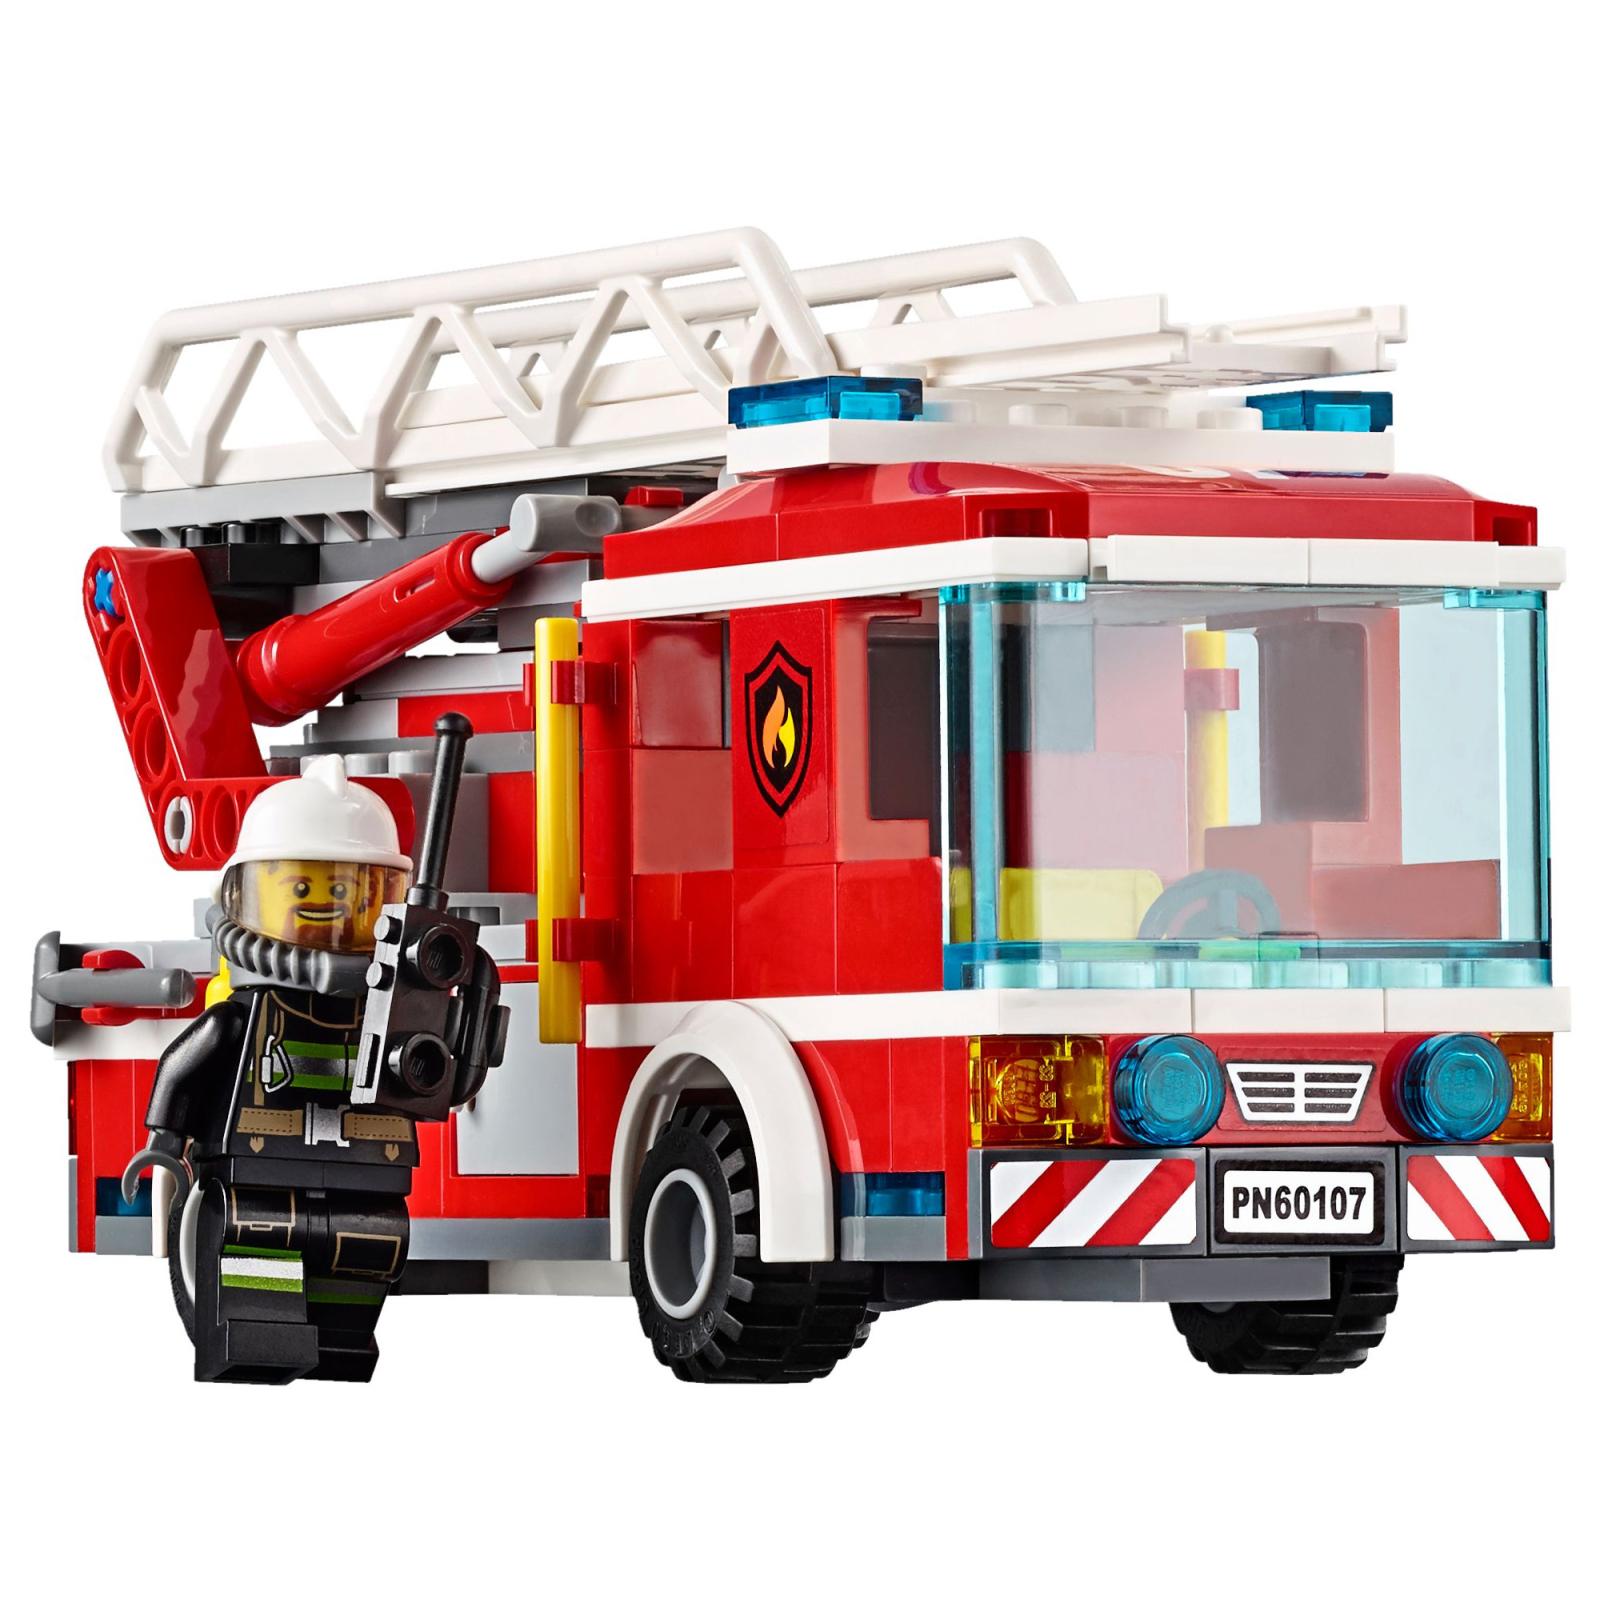 Конструктор LEGO City Fire Пожарный автомобиль с лестницей (60107) изображение 4